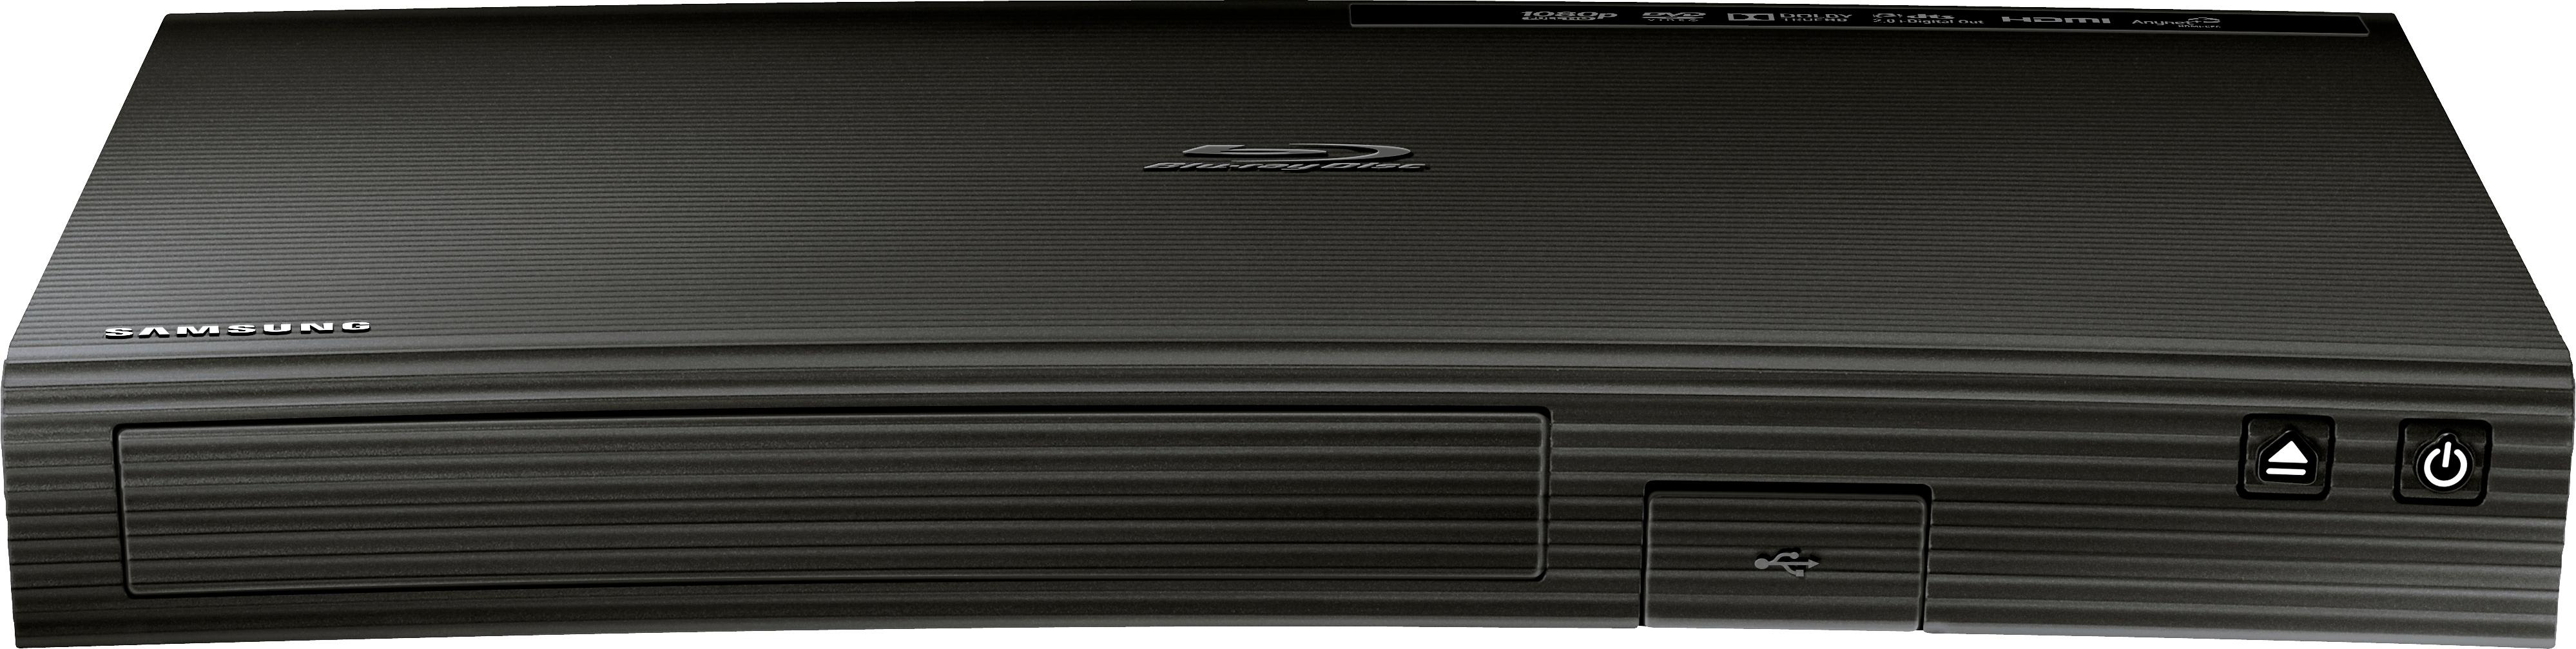 SAMSUNG BD-J5500 3D Blu-ray speler, 3D - gratis ruilen op otto.nl